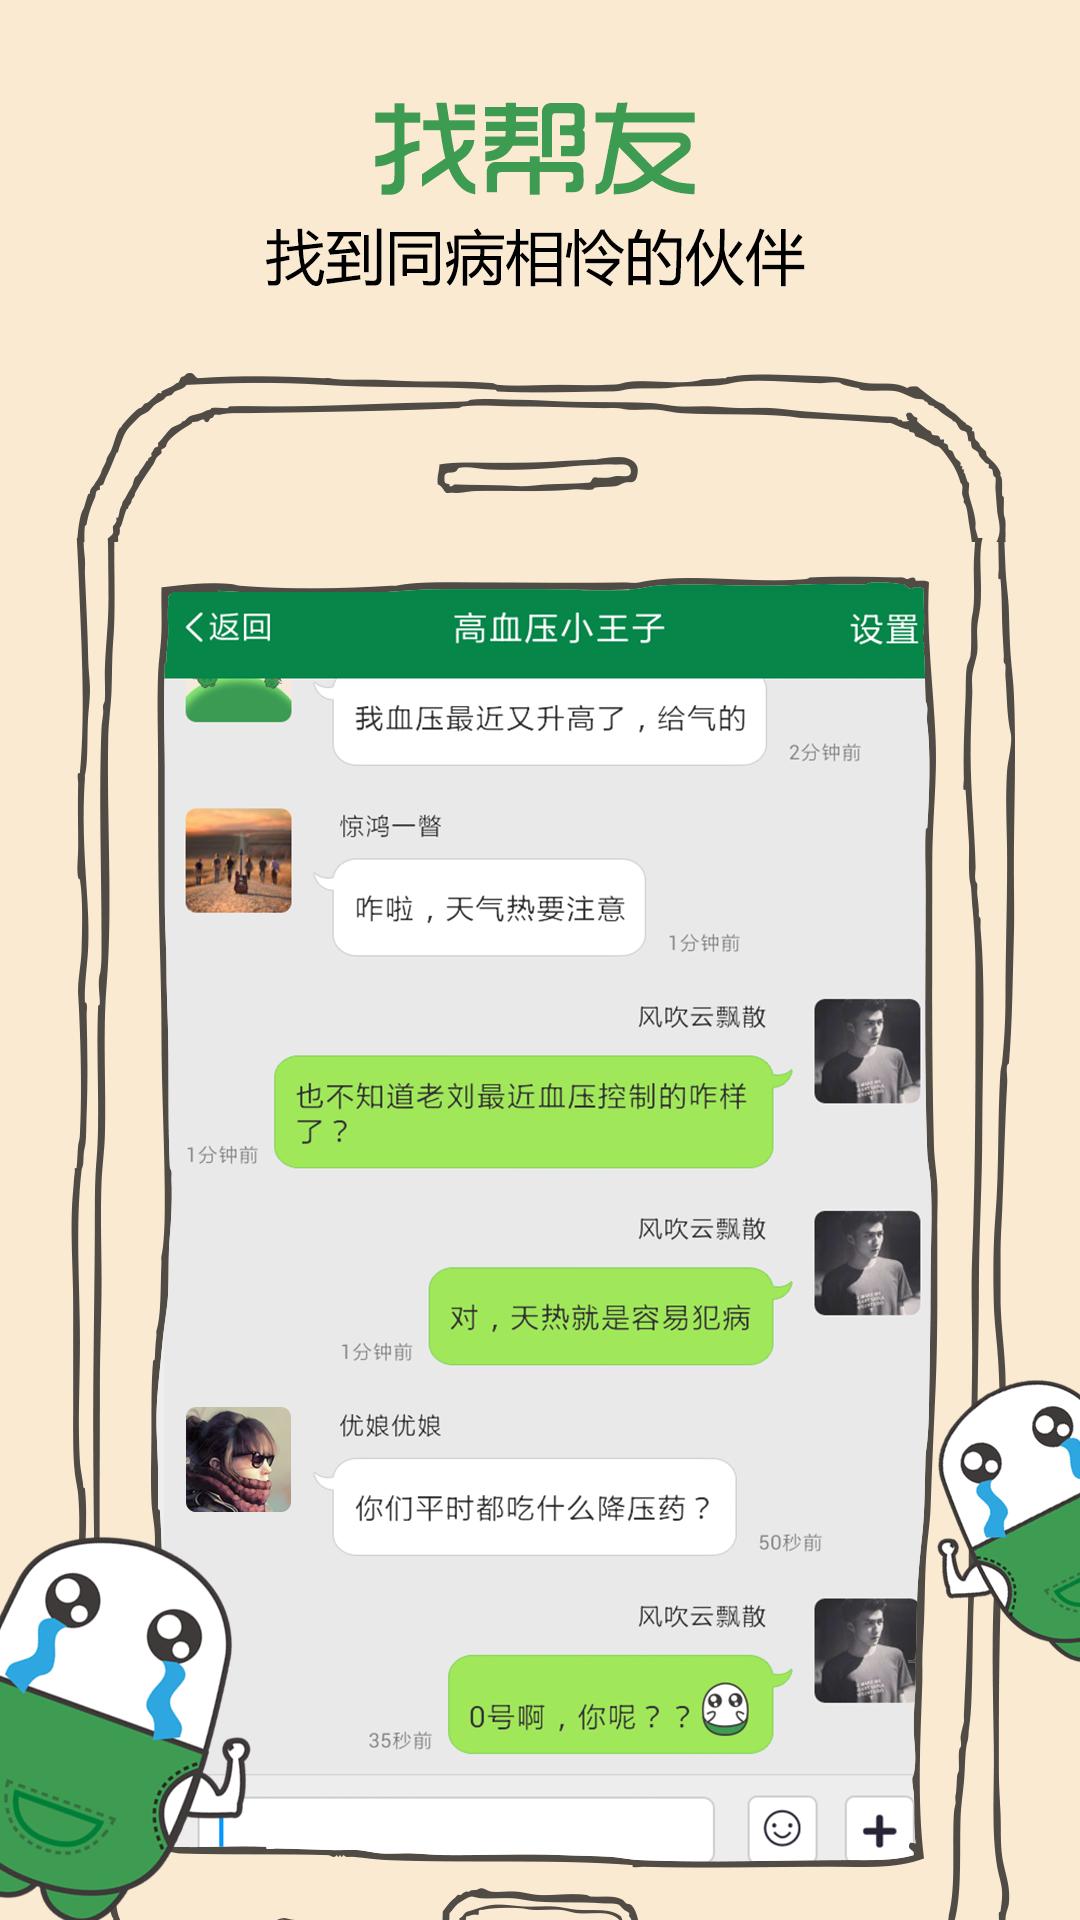 慢友帮app